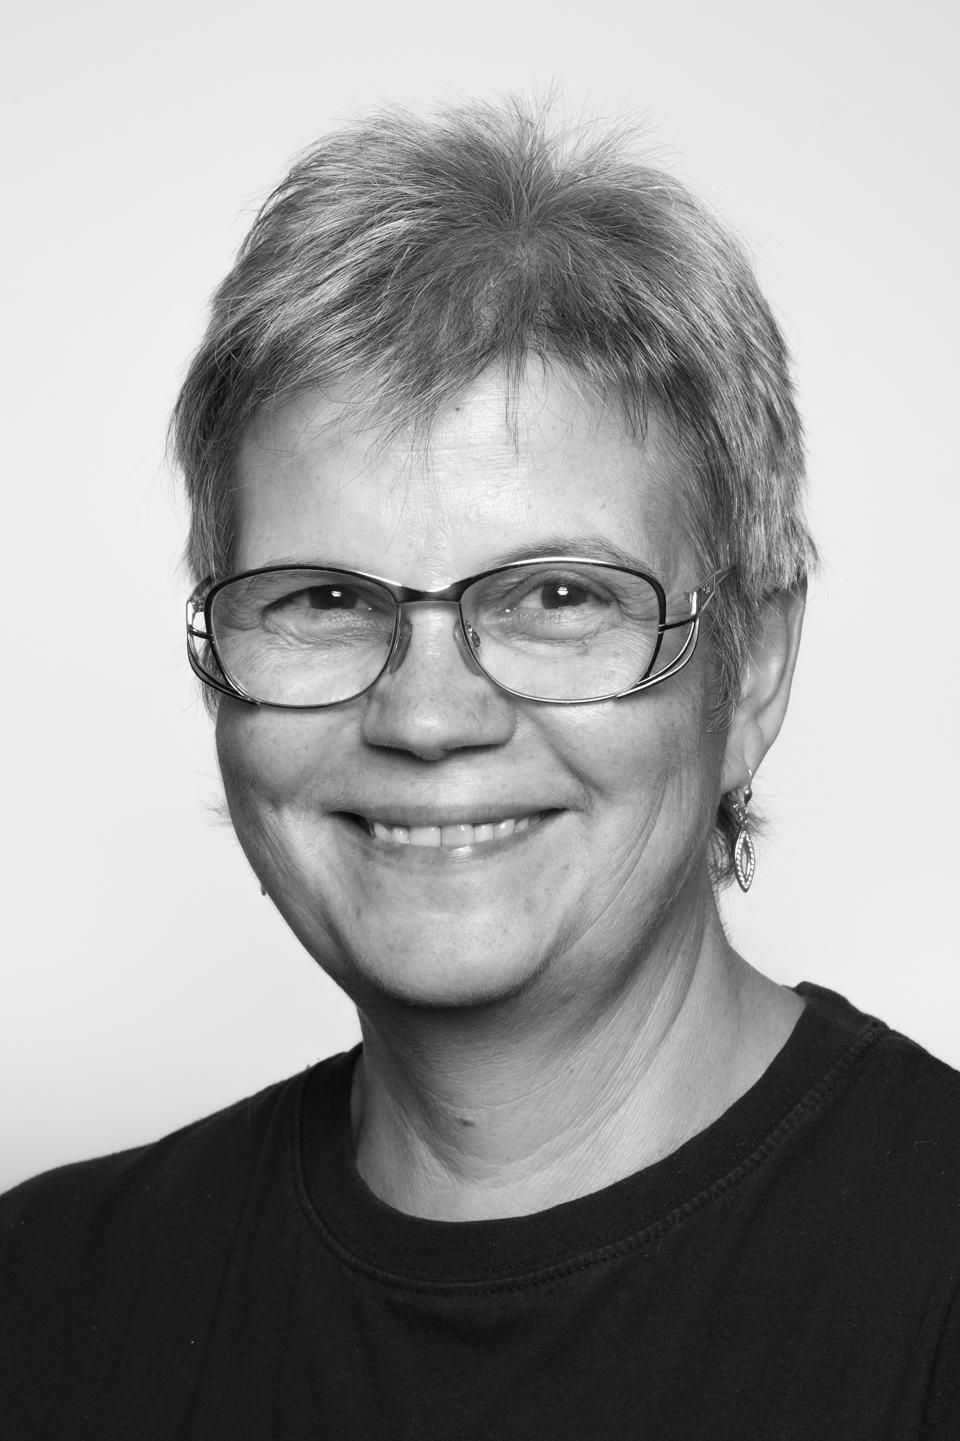 <strong>Daniela Woratschek</strong>